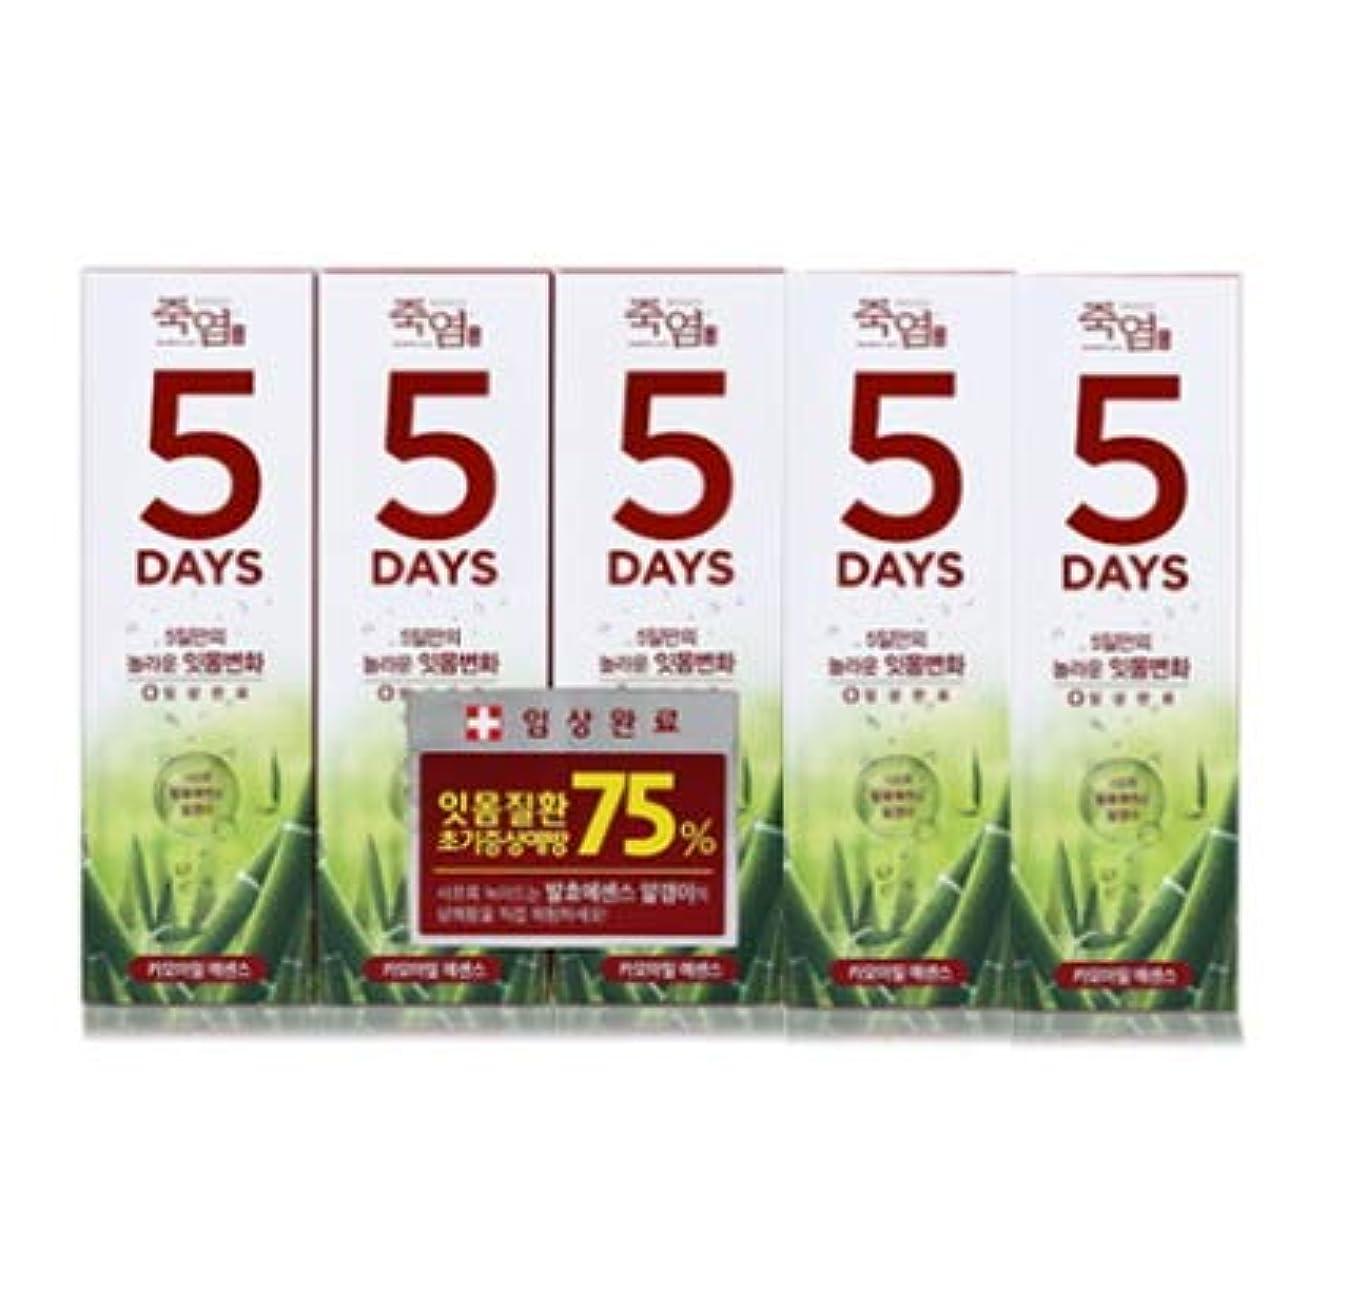 暖炉定説範囲[LG Care/LG生活健康]竹塩歯磨き粉5daysカモミールエッセンス100g x5ea/歯磨きセットスペシャル?リミテッドToothpaste Set Special Limited Korea(海外直送品)